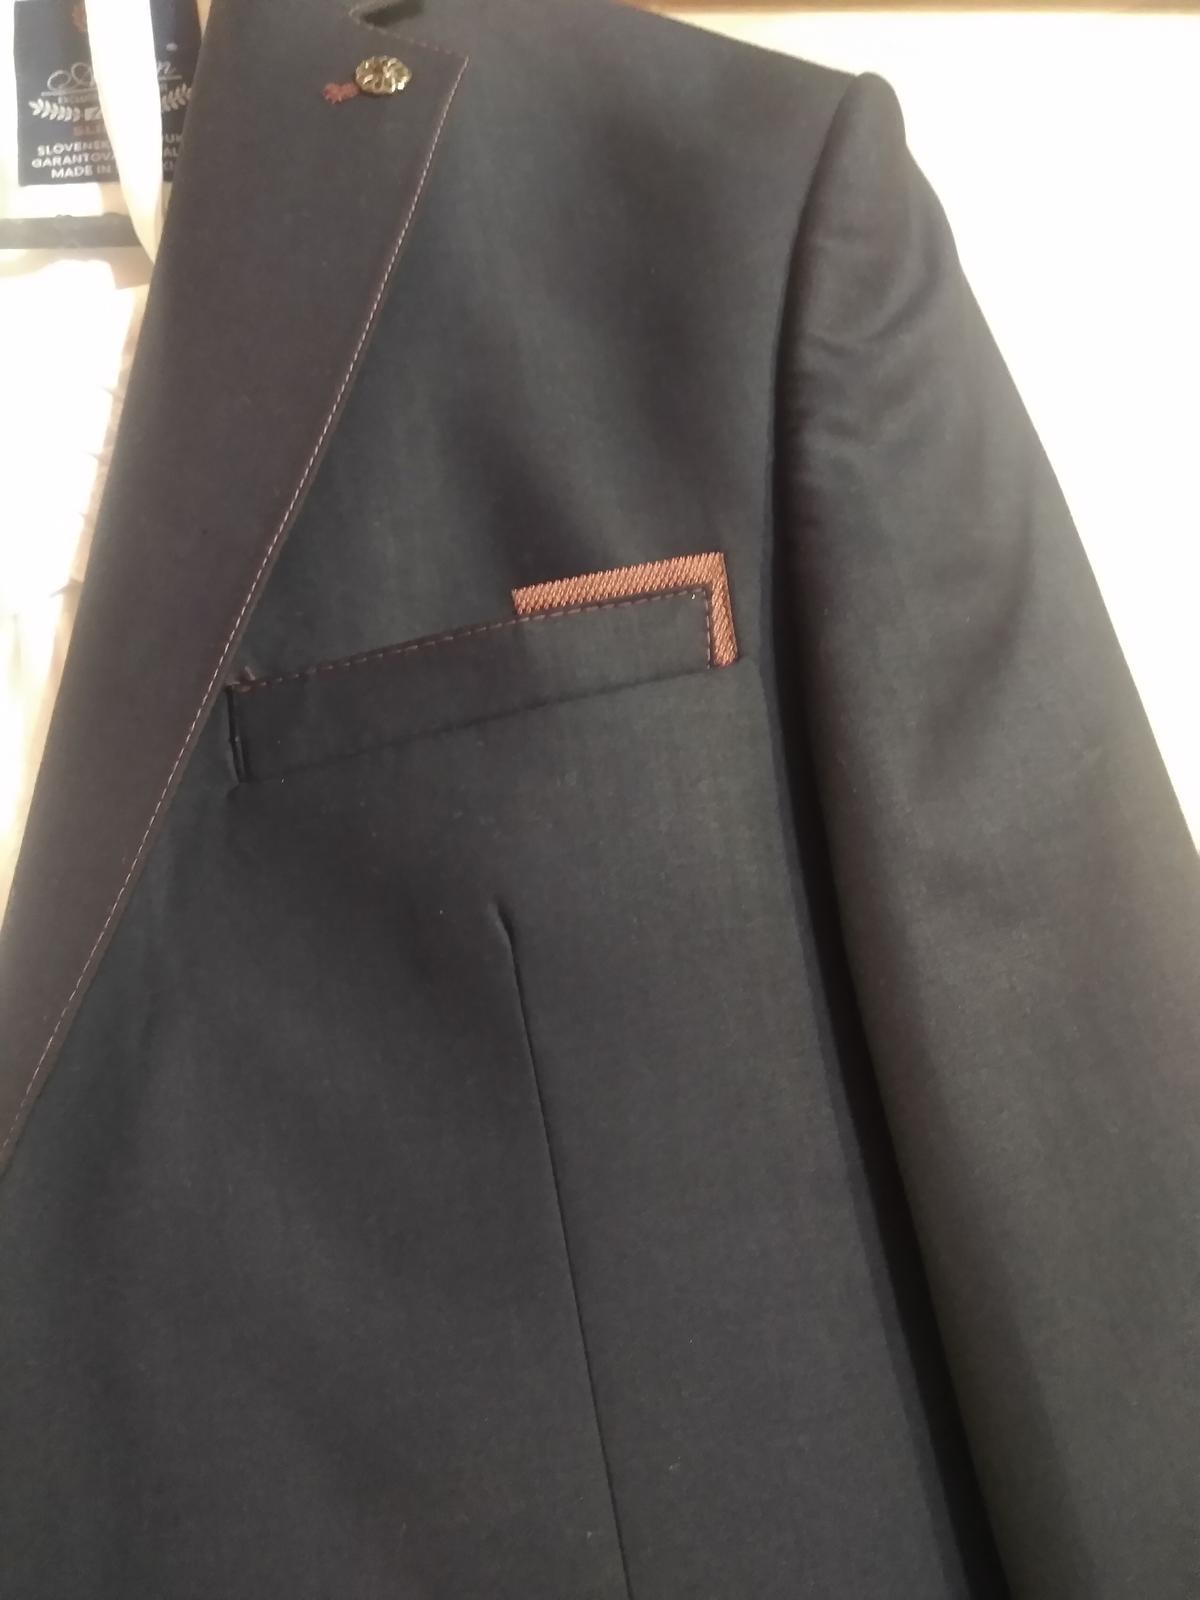 Oblek pre ženícha  - Obrázok č. 2